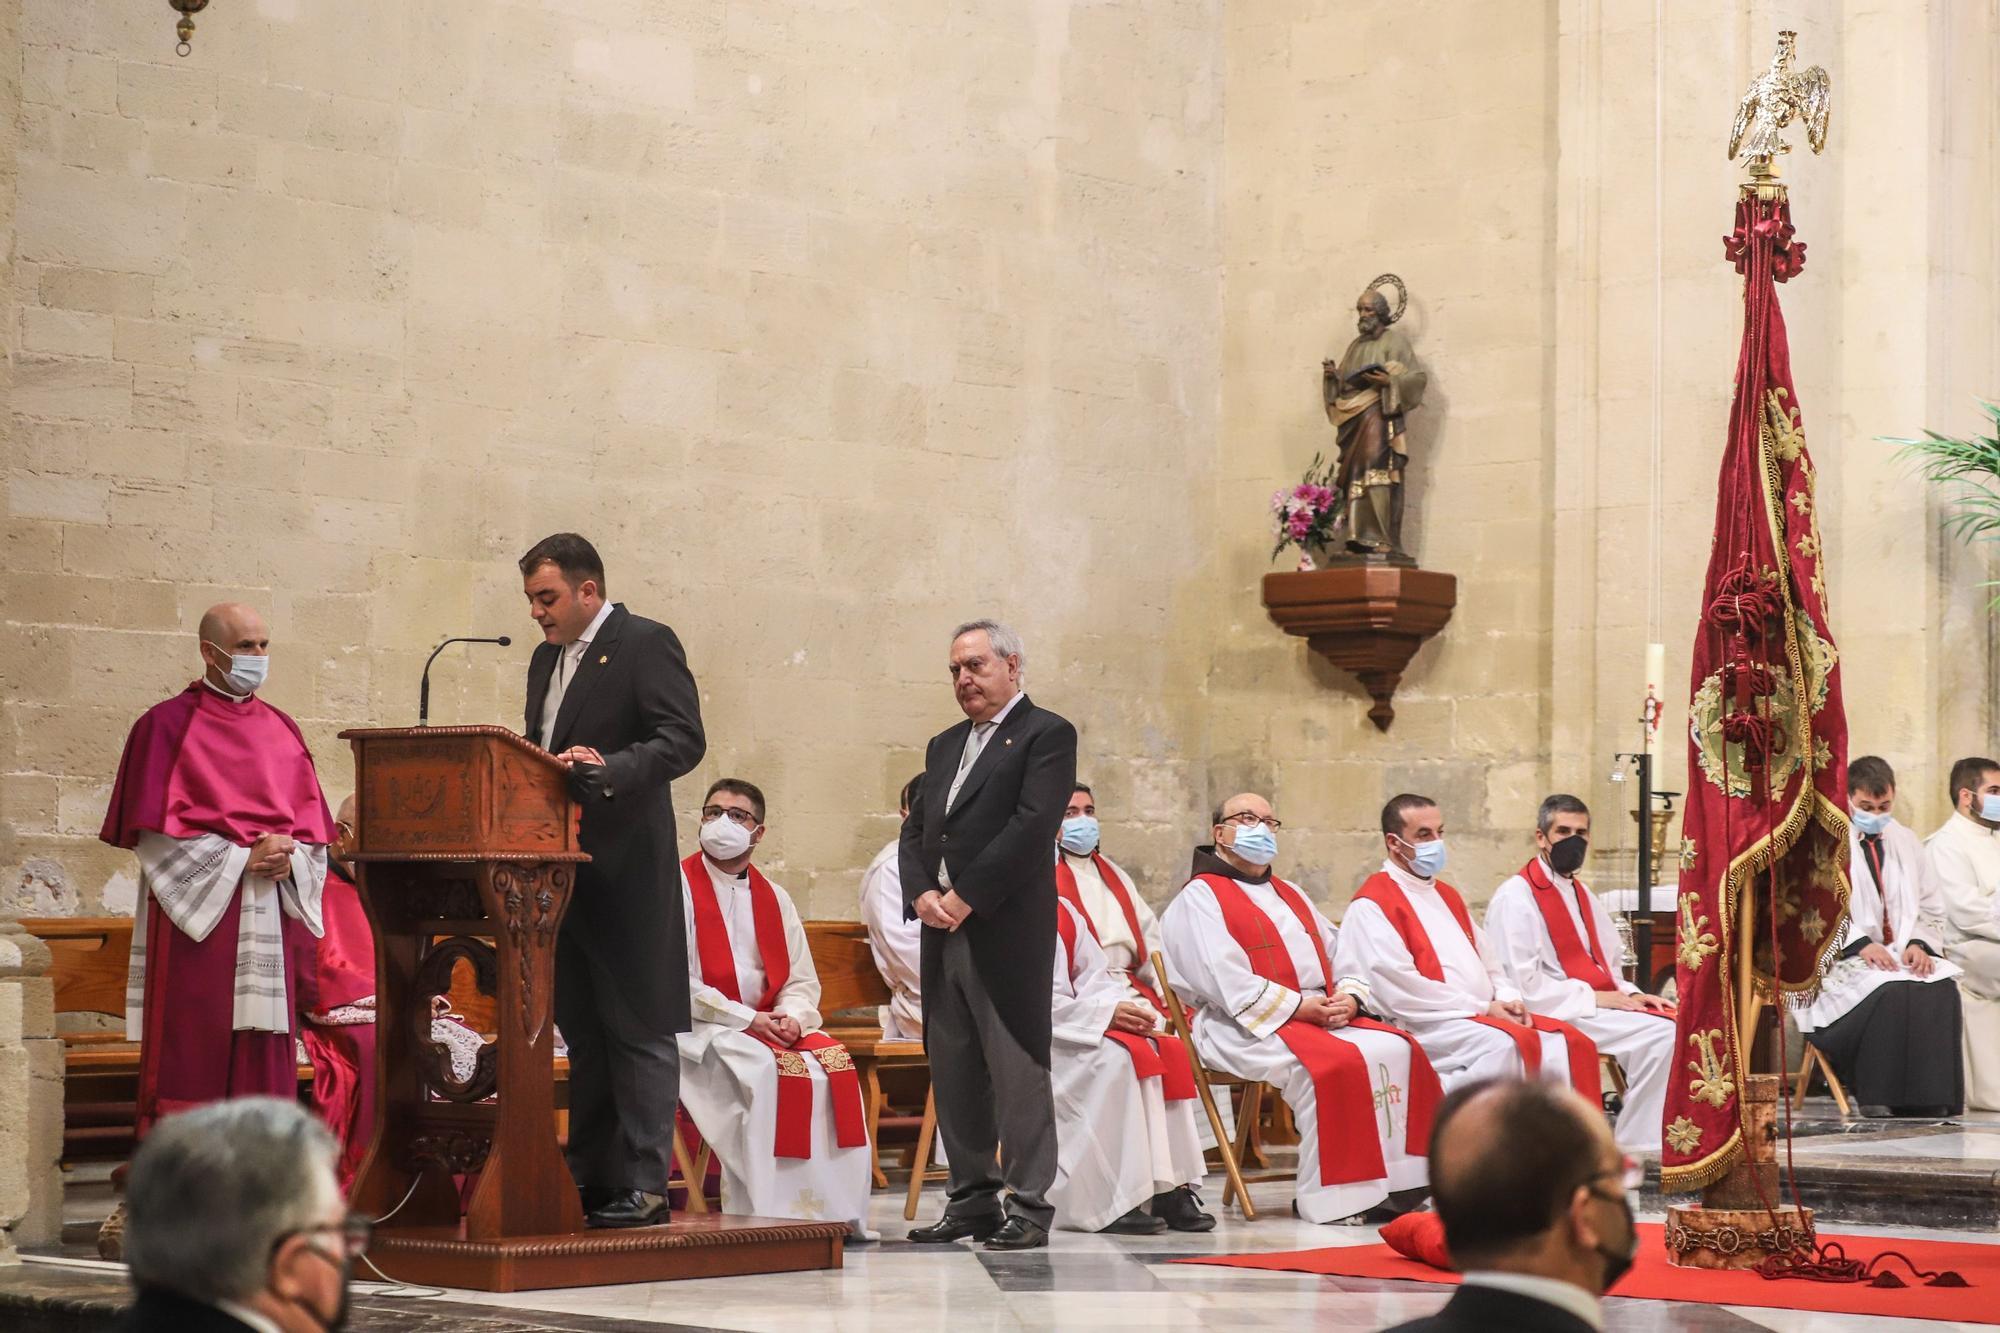 779 Aniversario de La Reconquista de Orihuela con la celebración institucional e histórica sin público por el covid